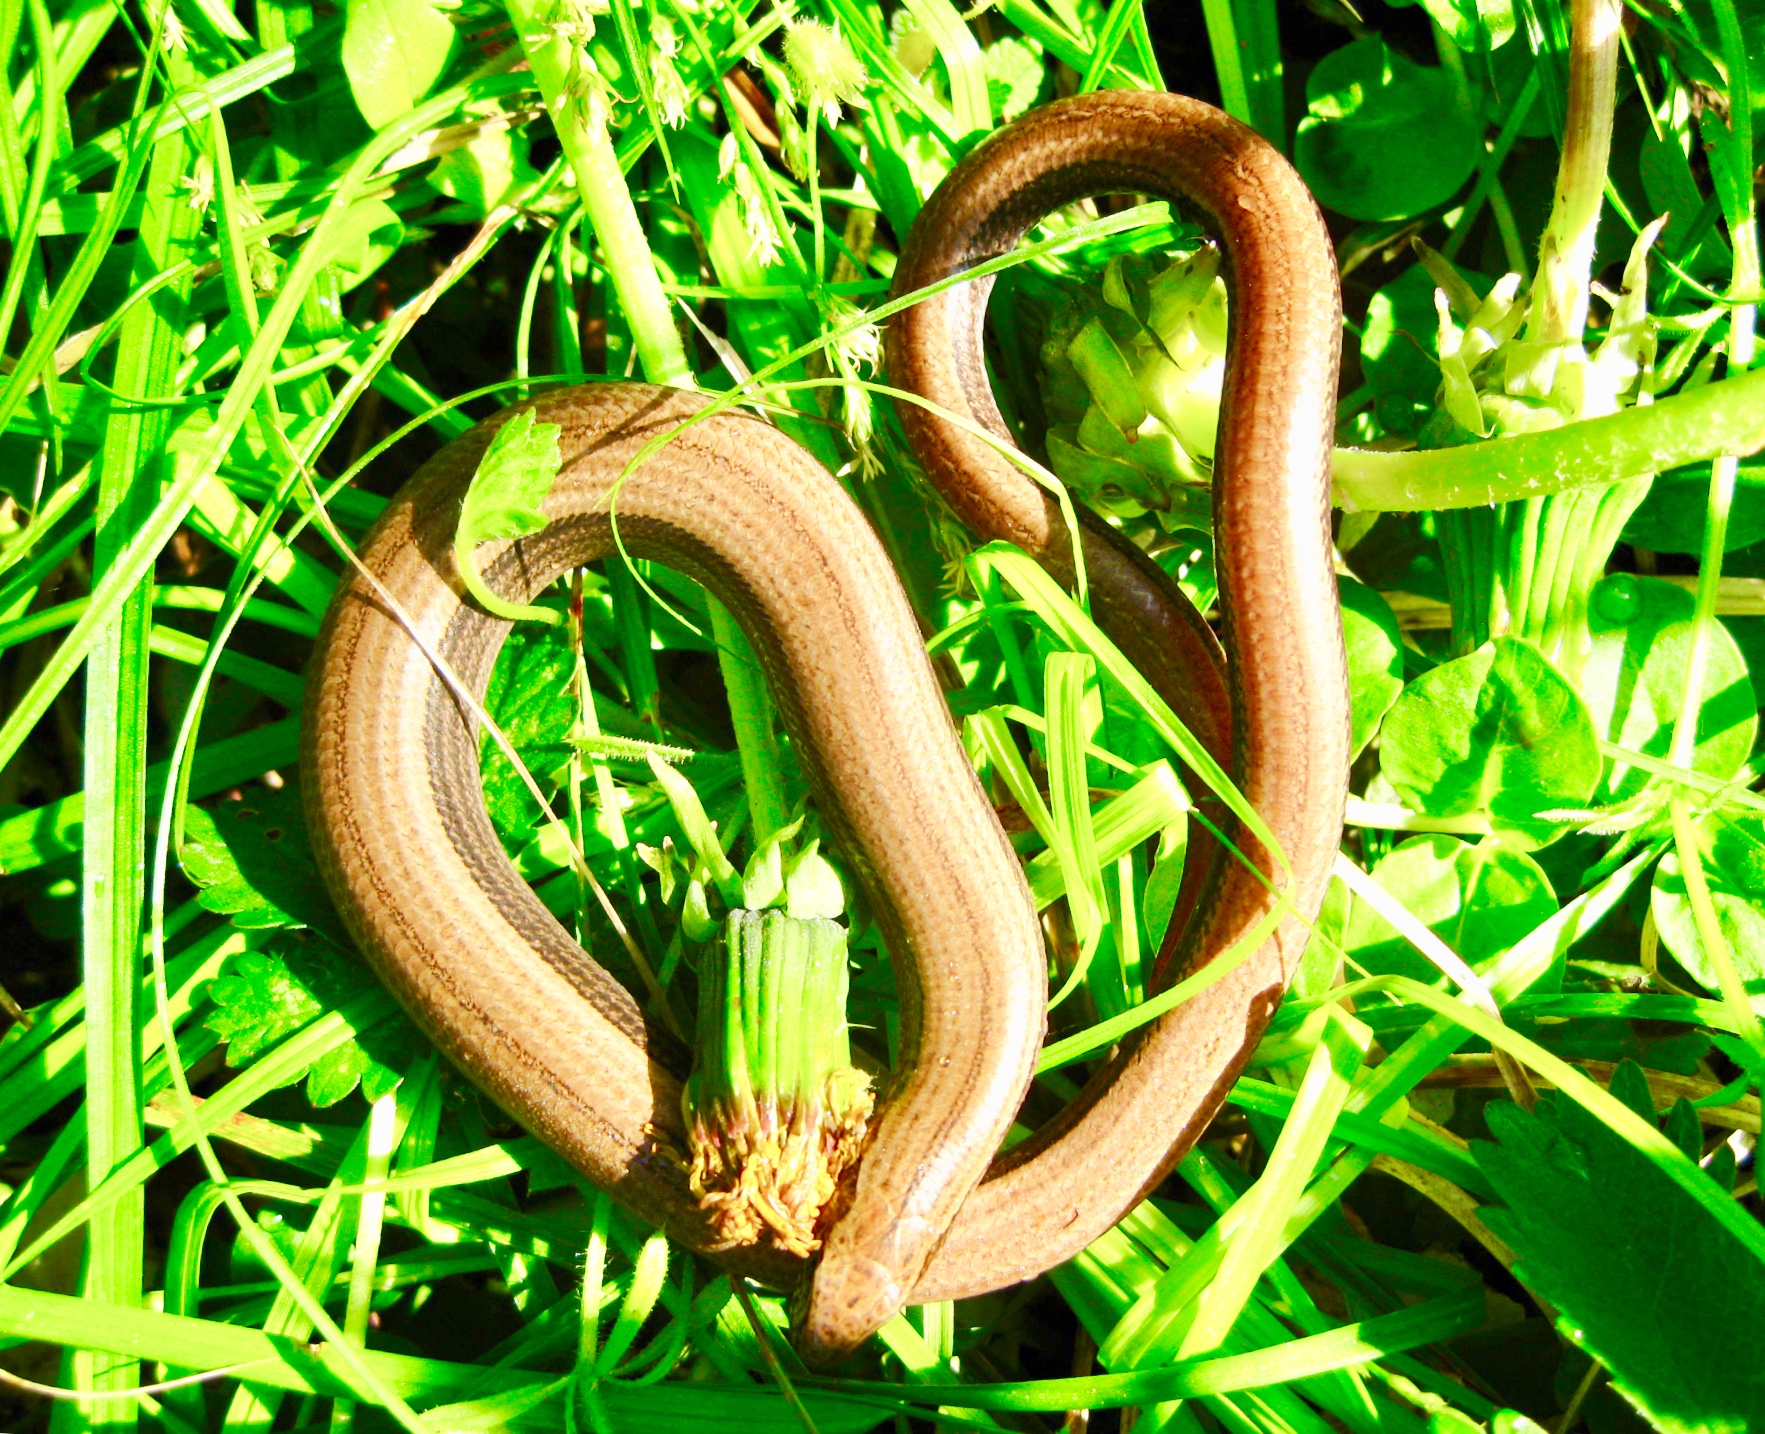 A basking slow worm (photo: Matt Cook)